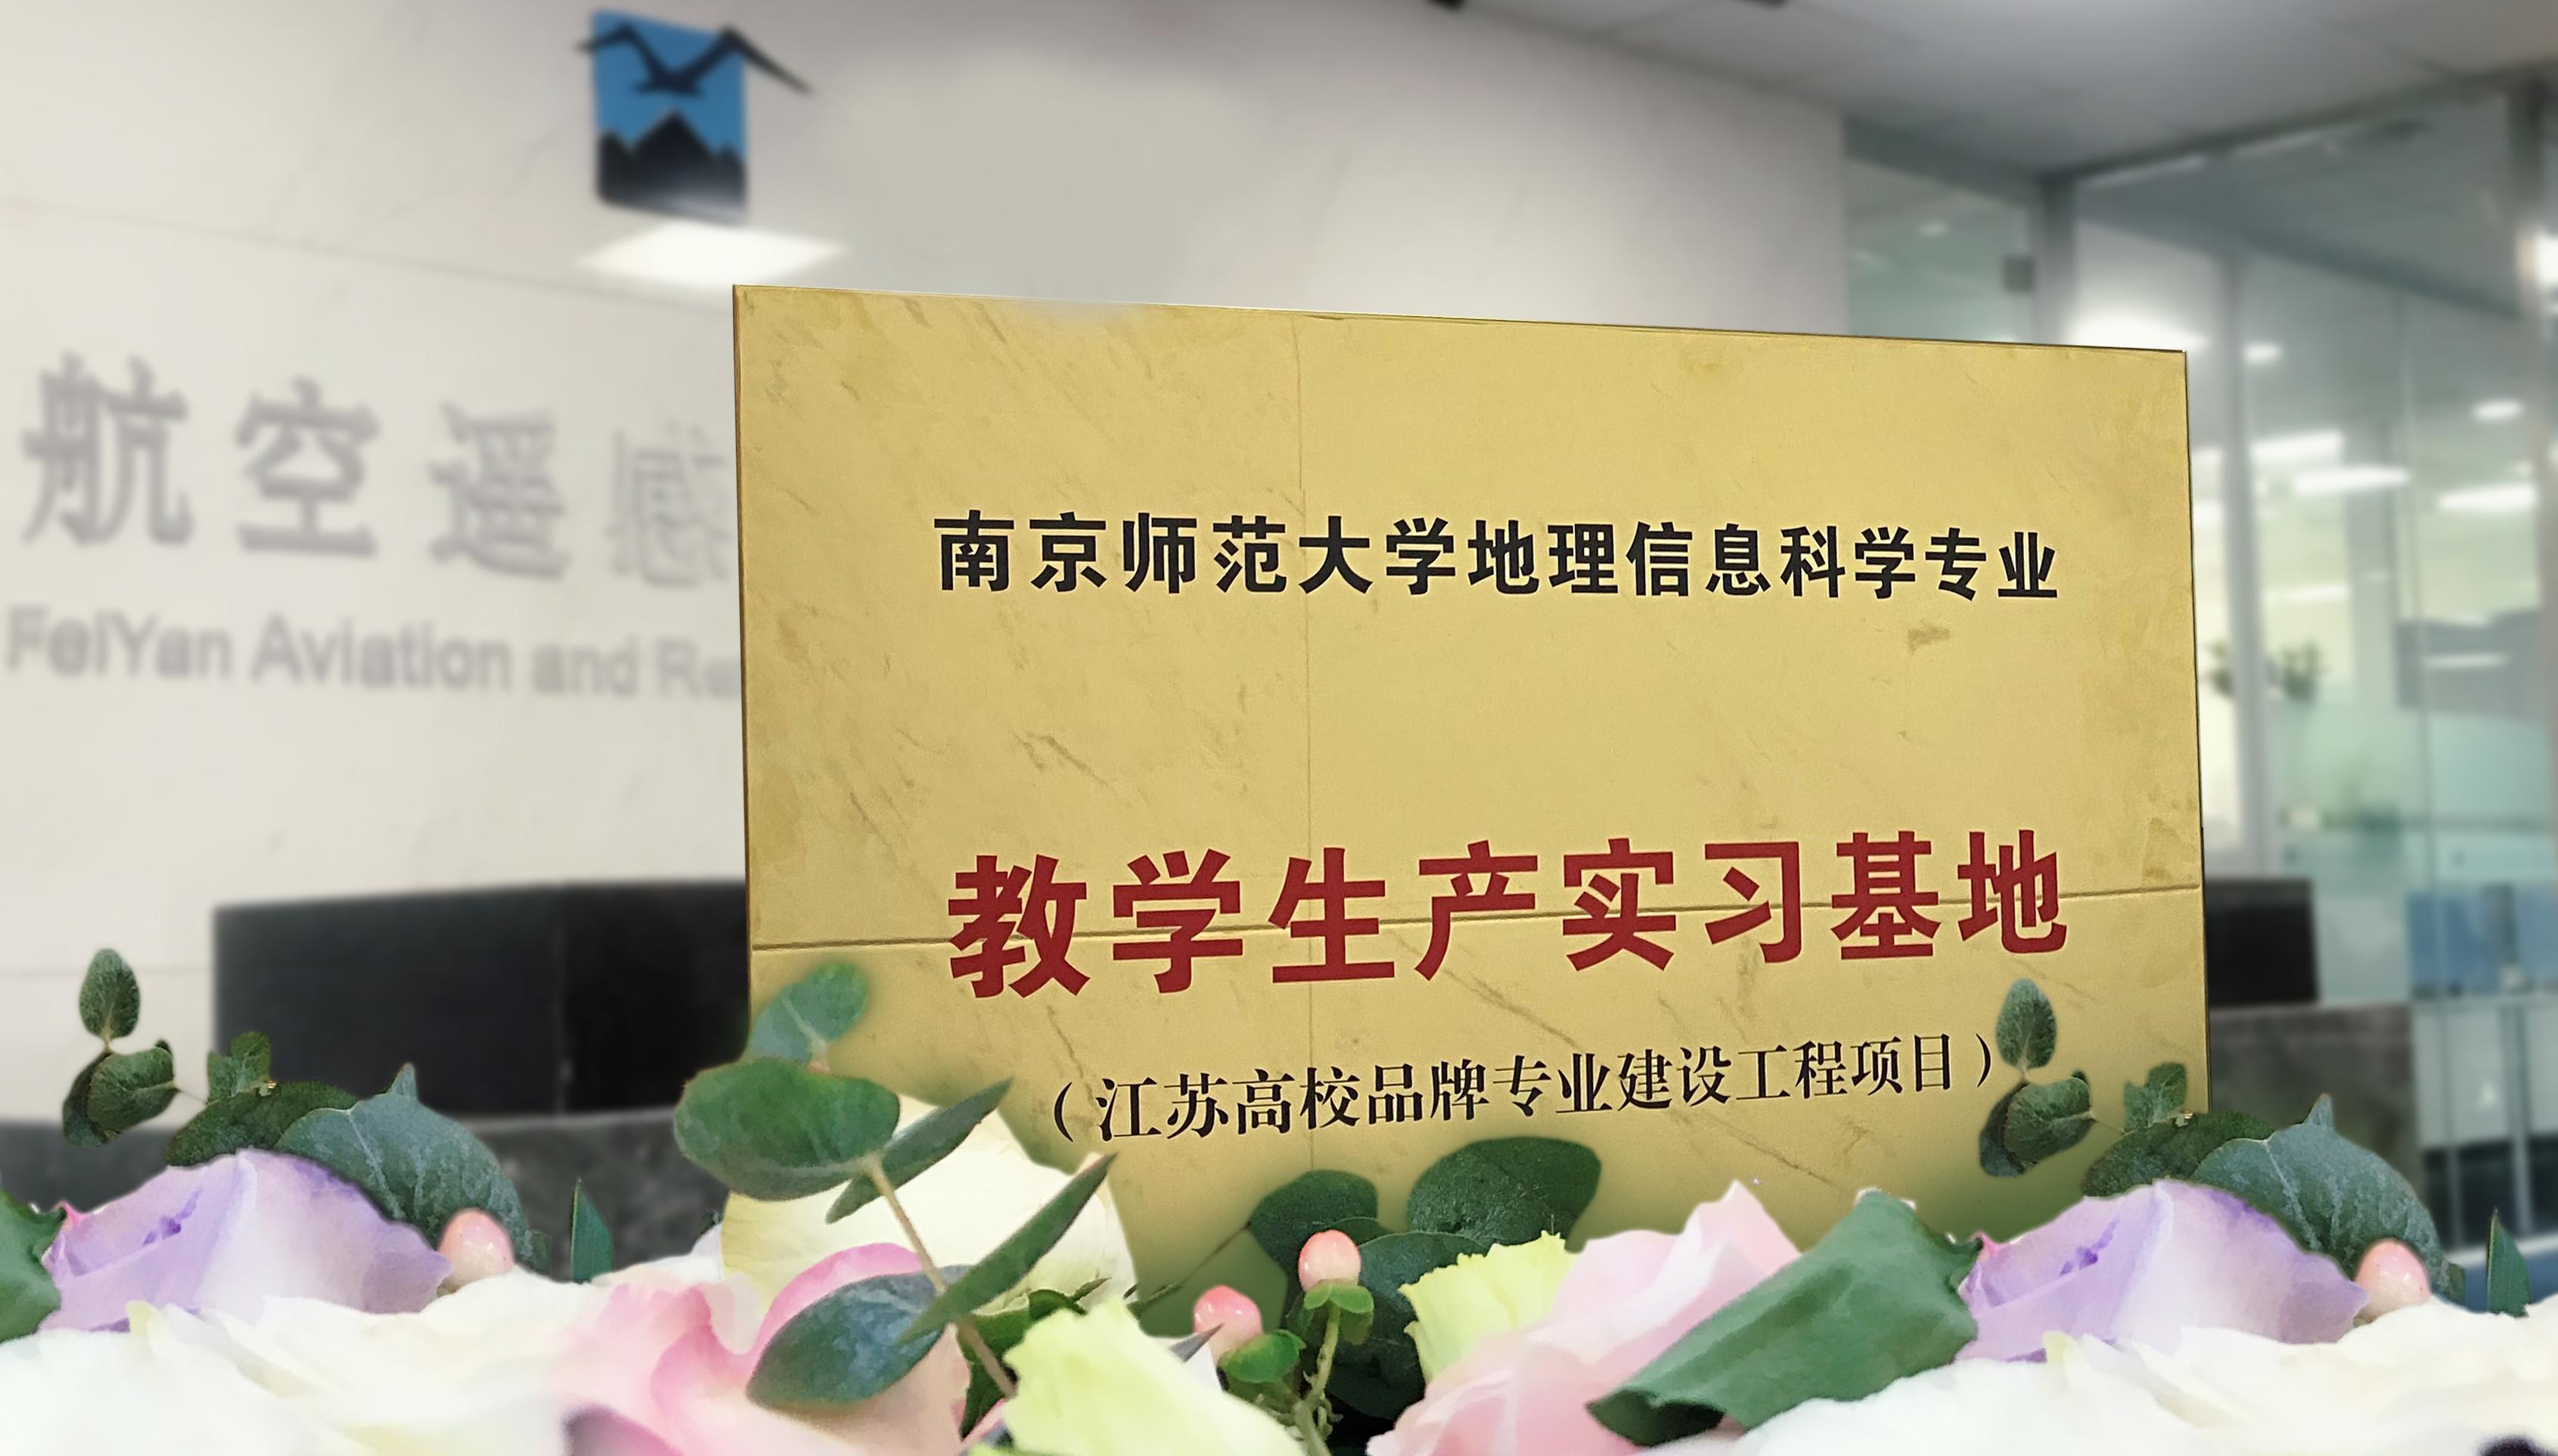 """校企合作丨南师大地科院""""教学生产实习基地""""落户飞燕遥感"""